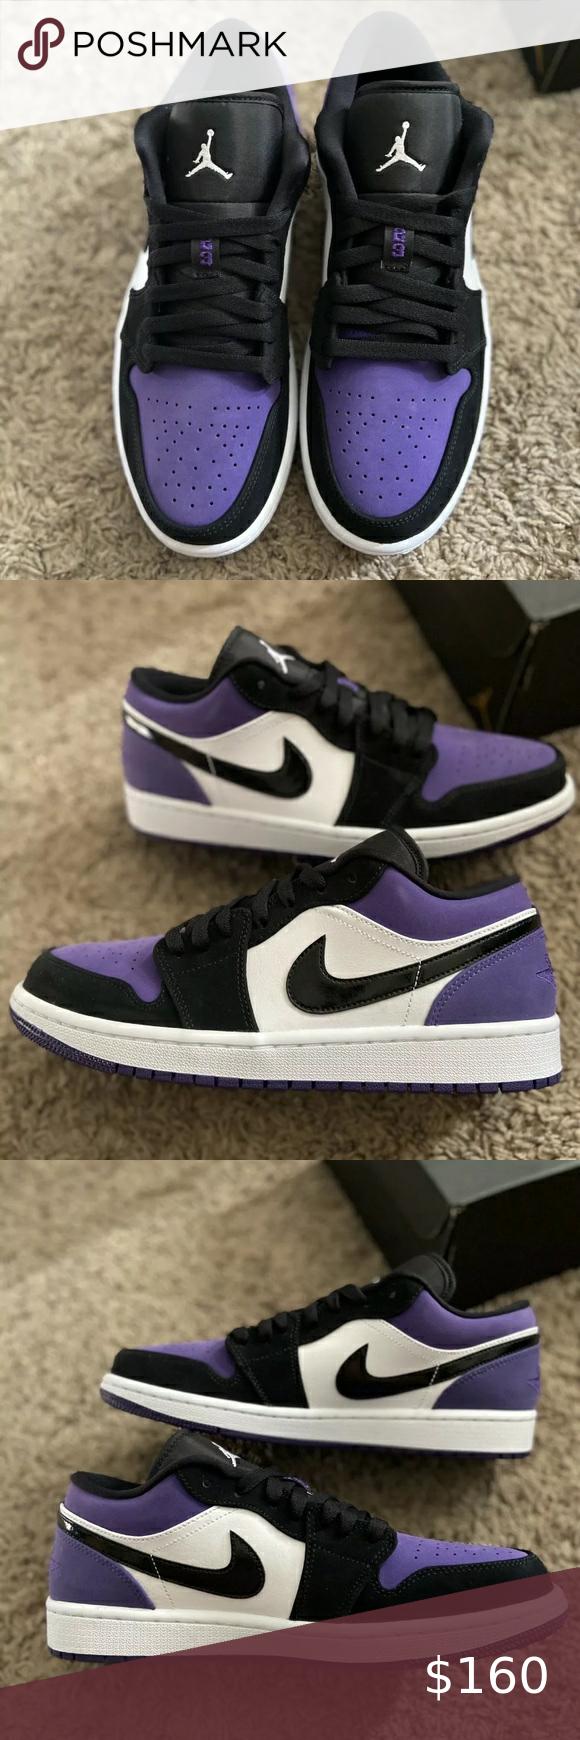 Nike Air Jordan 1 Low Court Purple Nike Air Jordan 1 Low ...